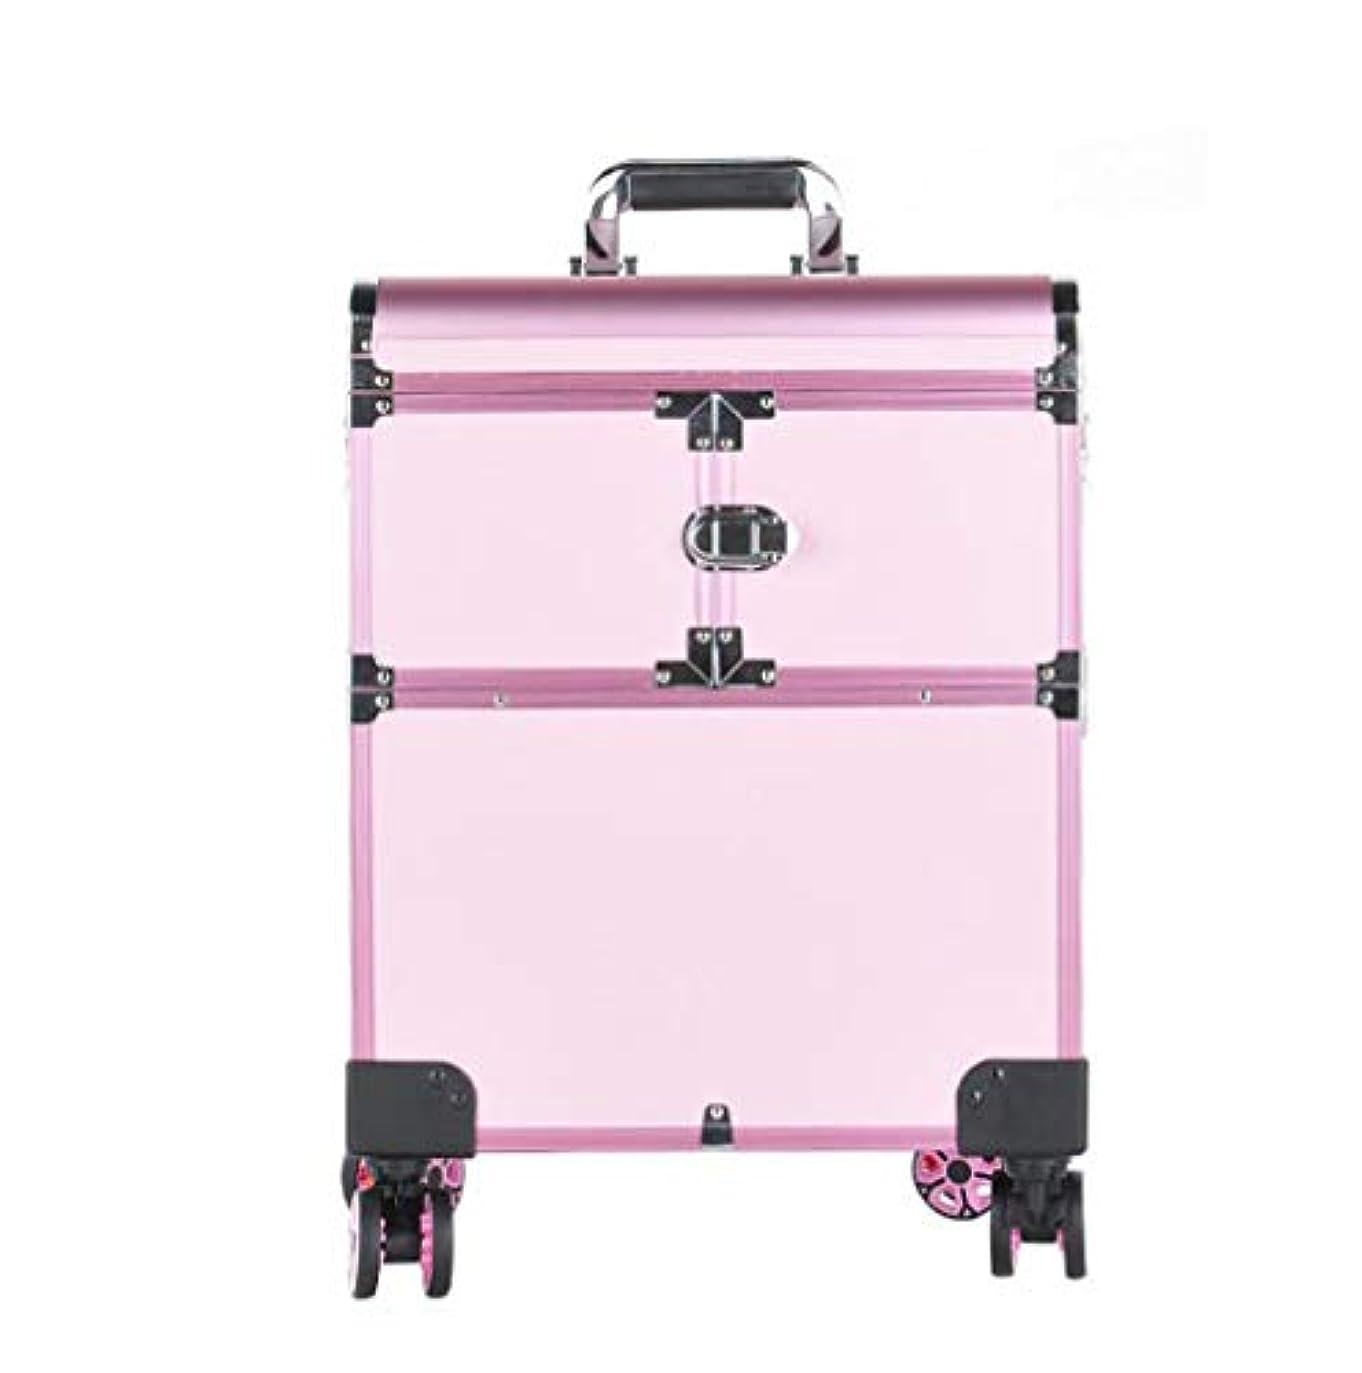 流用するトークドラッグBUMC 特大化粧列車化粧トロリーケース、多層大容量プロフェッショナル化粧品ポータブルレバーオーガナイザー収納ビューティーボックス,Pink